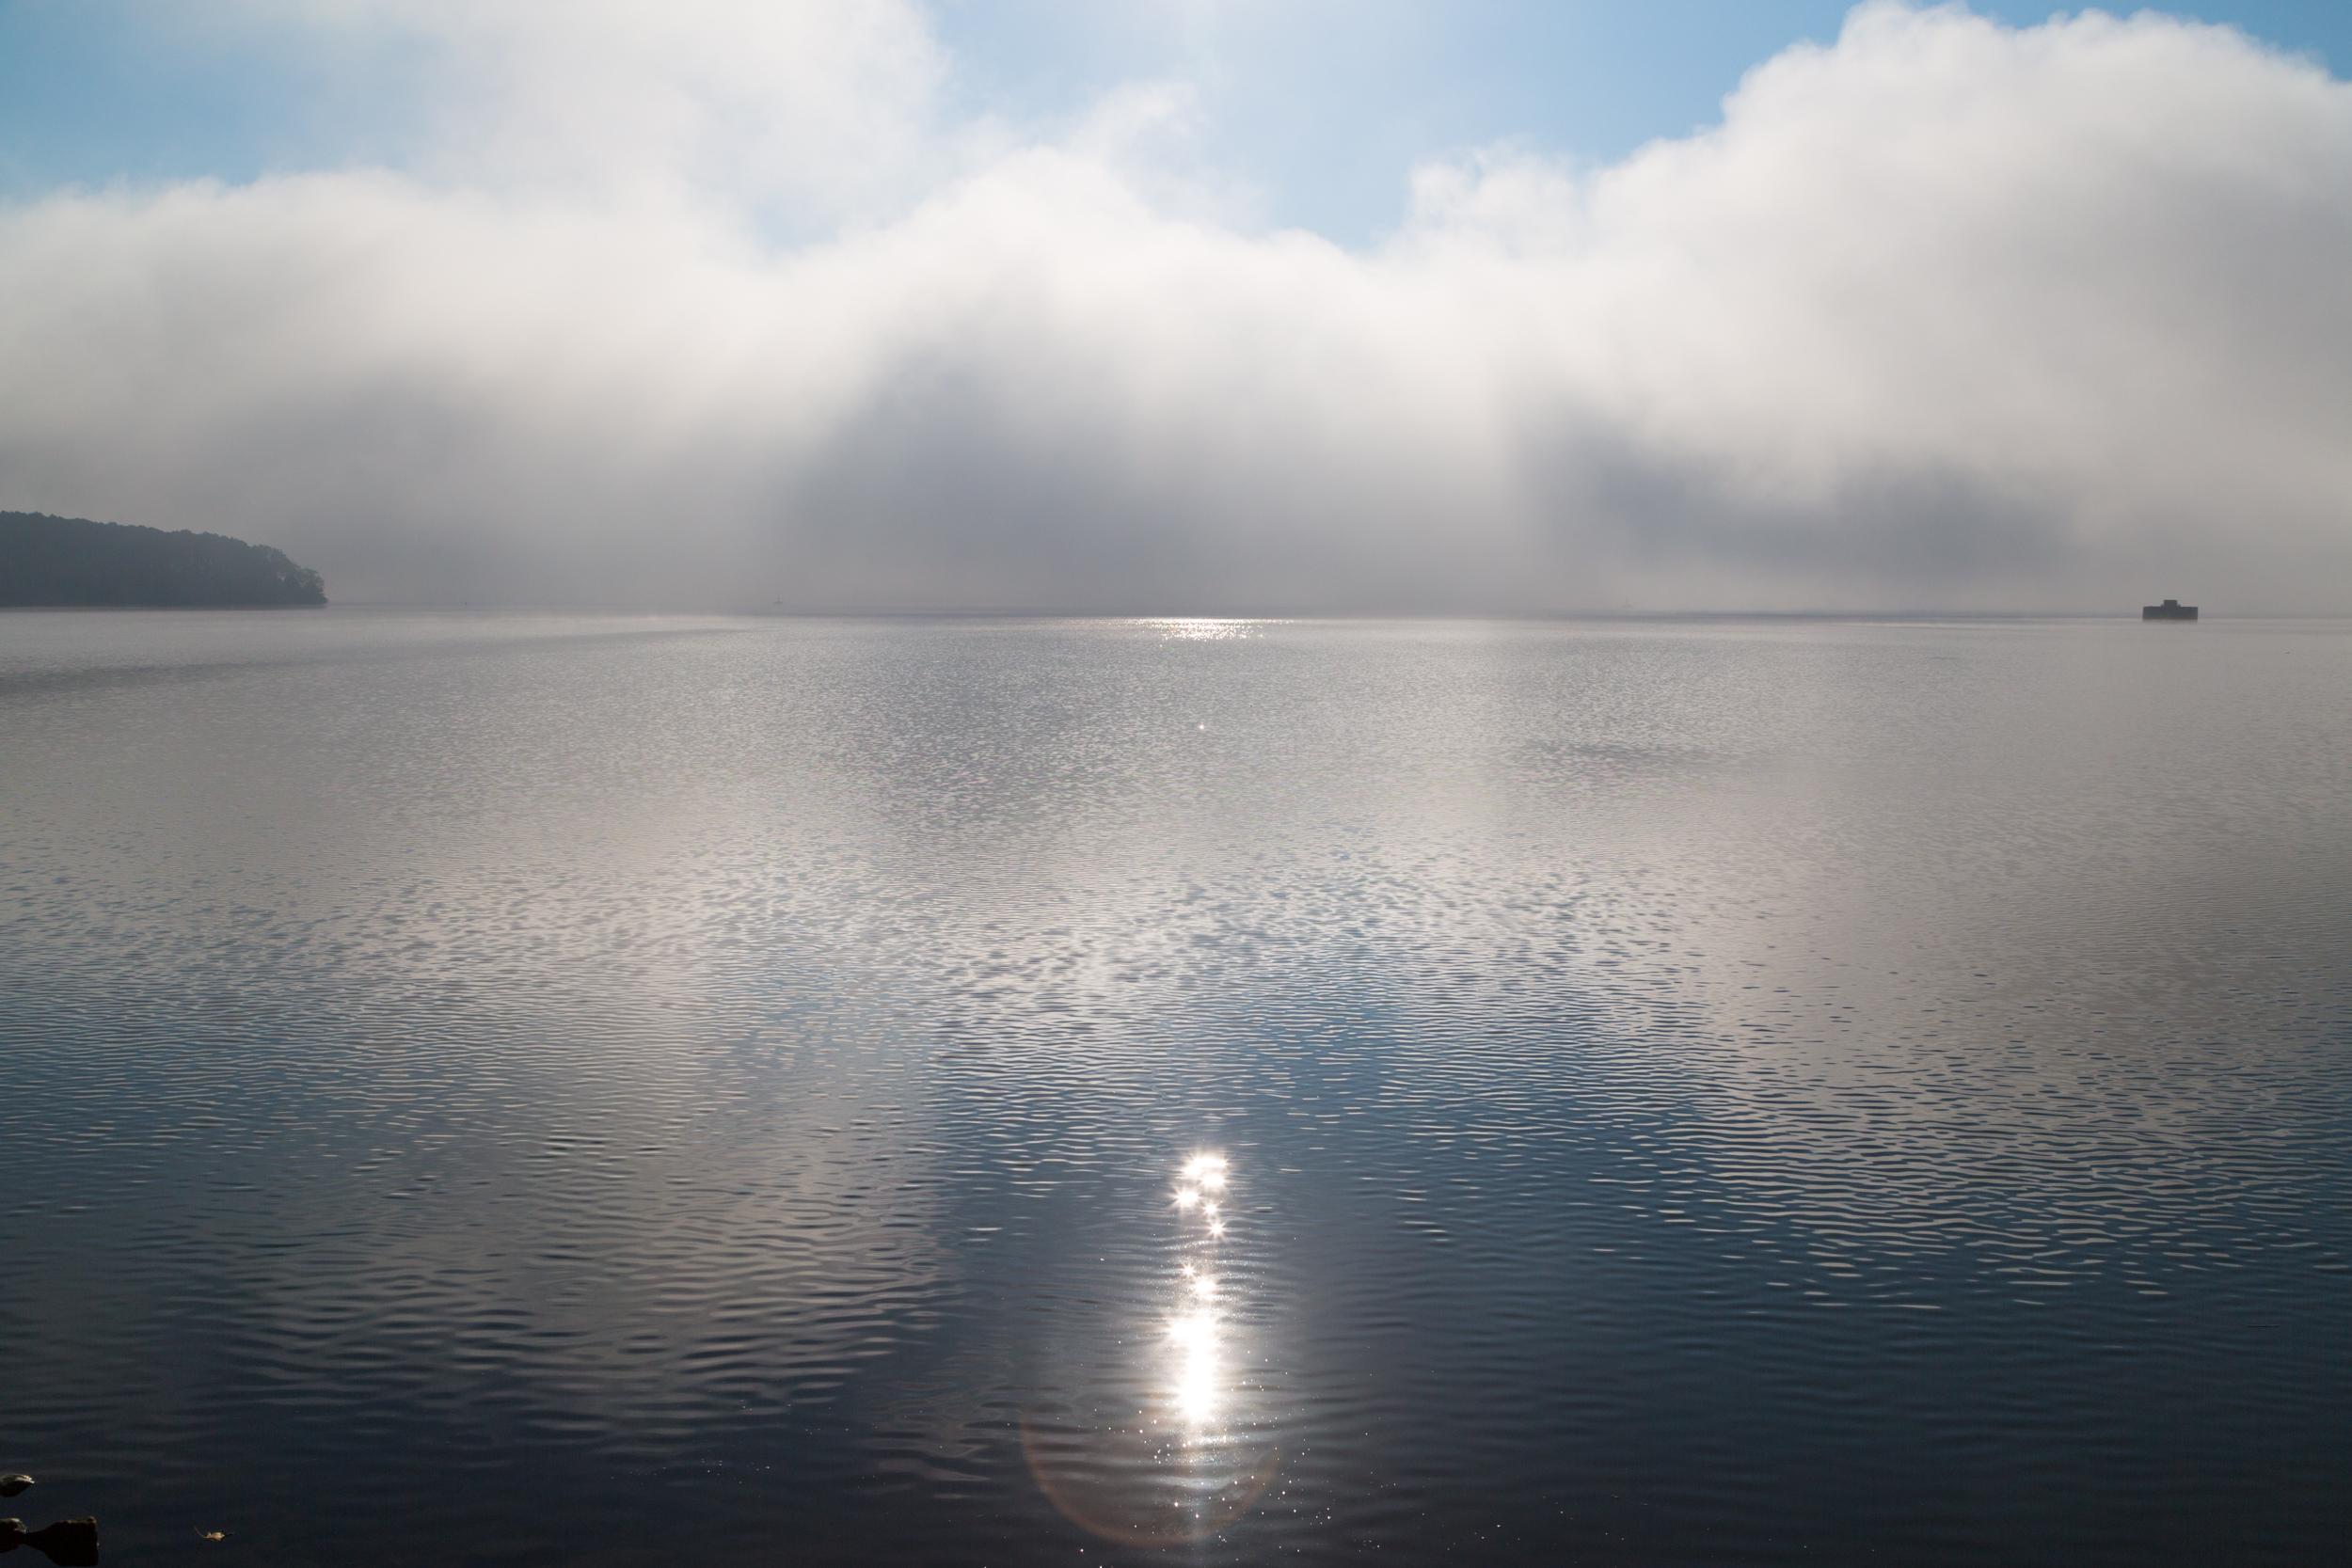 Morning light, Nickajack Lake, east Tennessee.